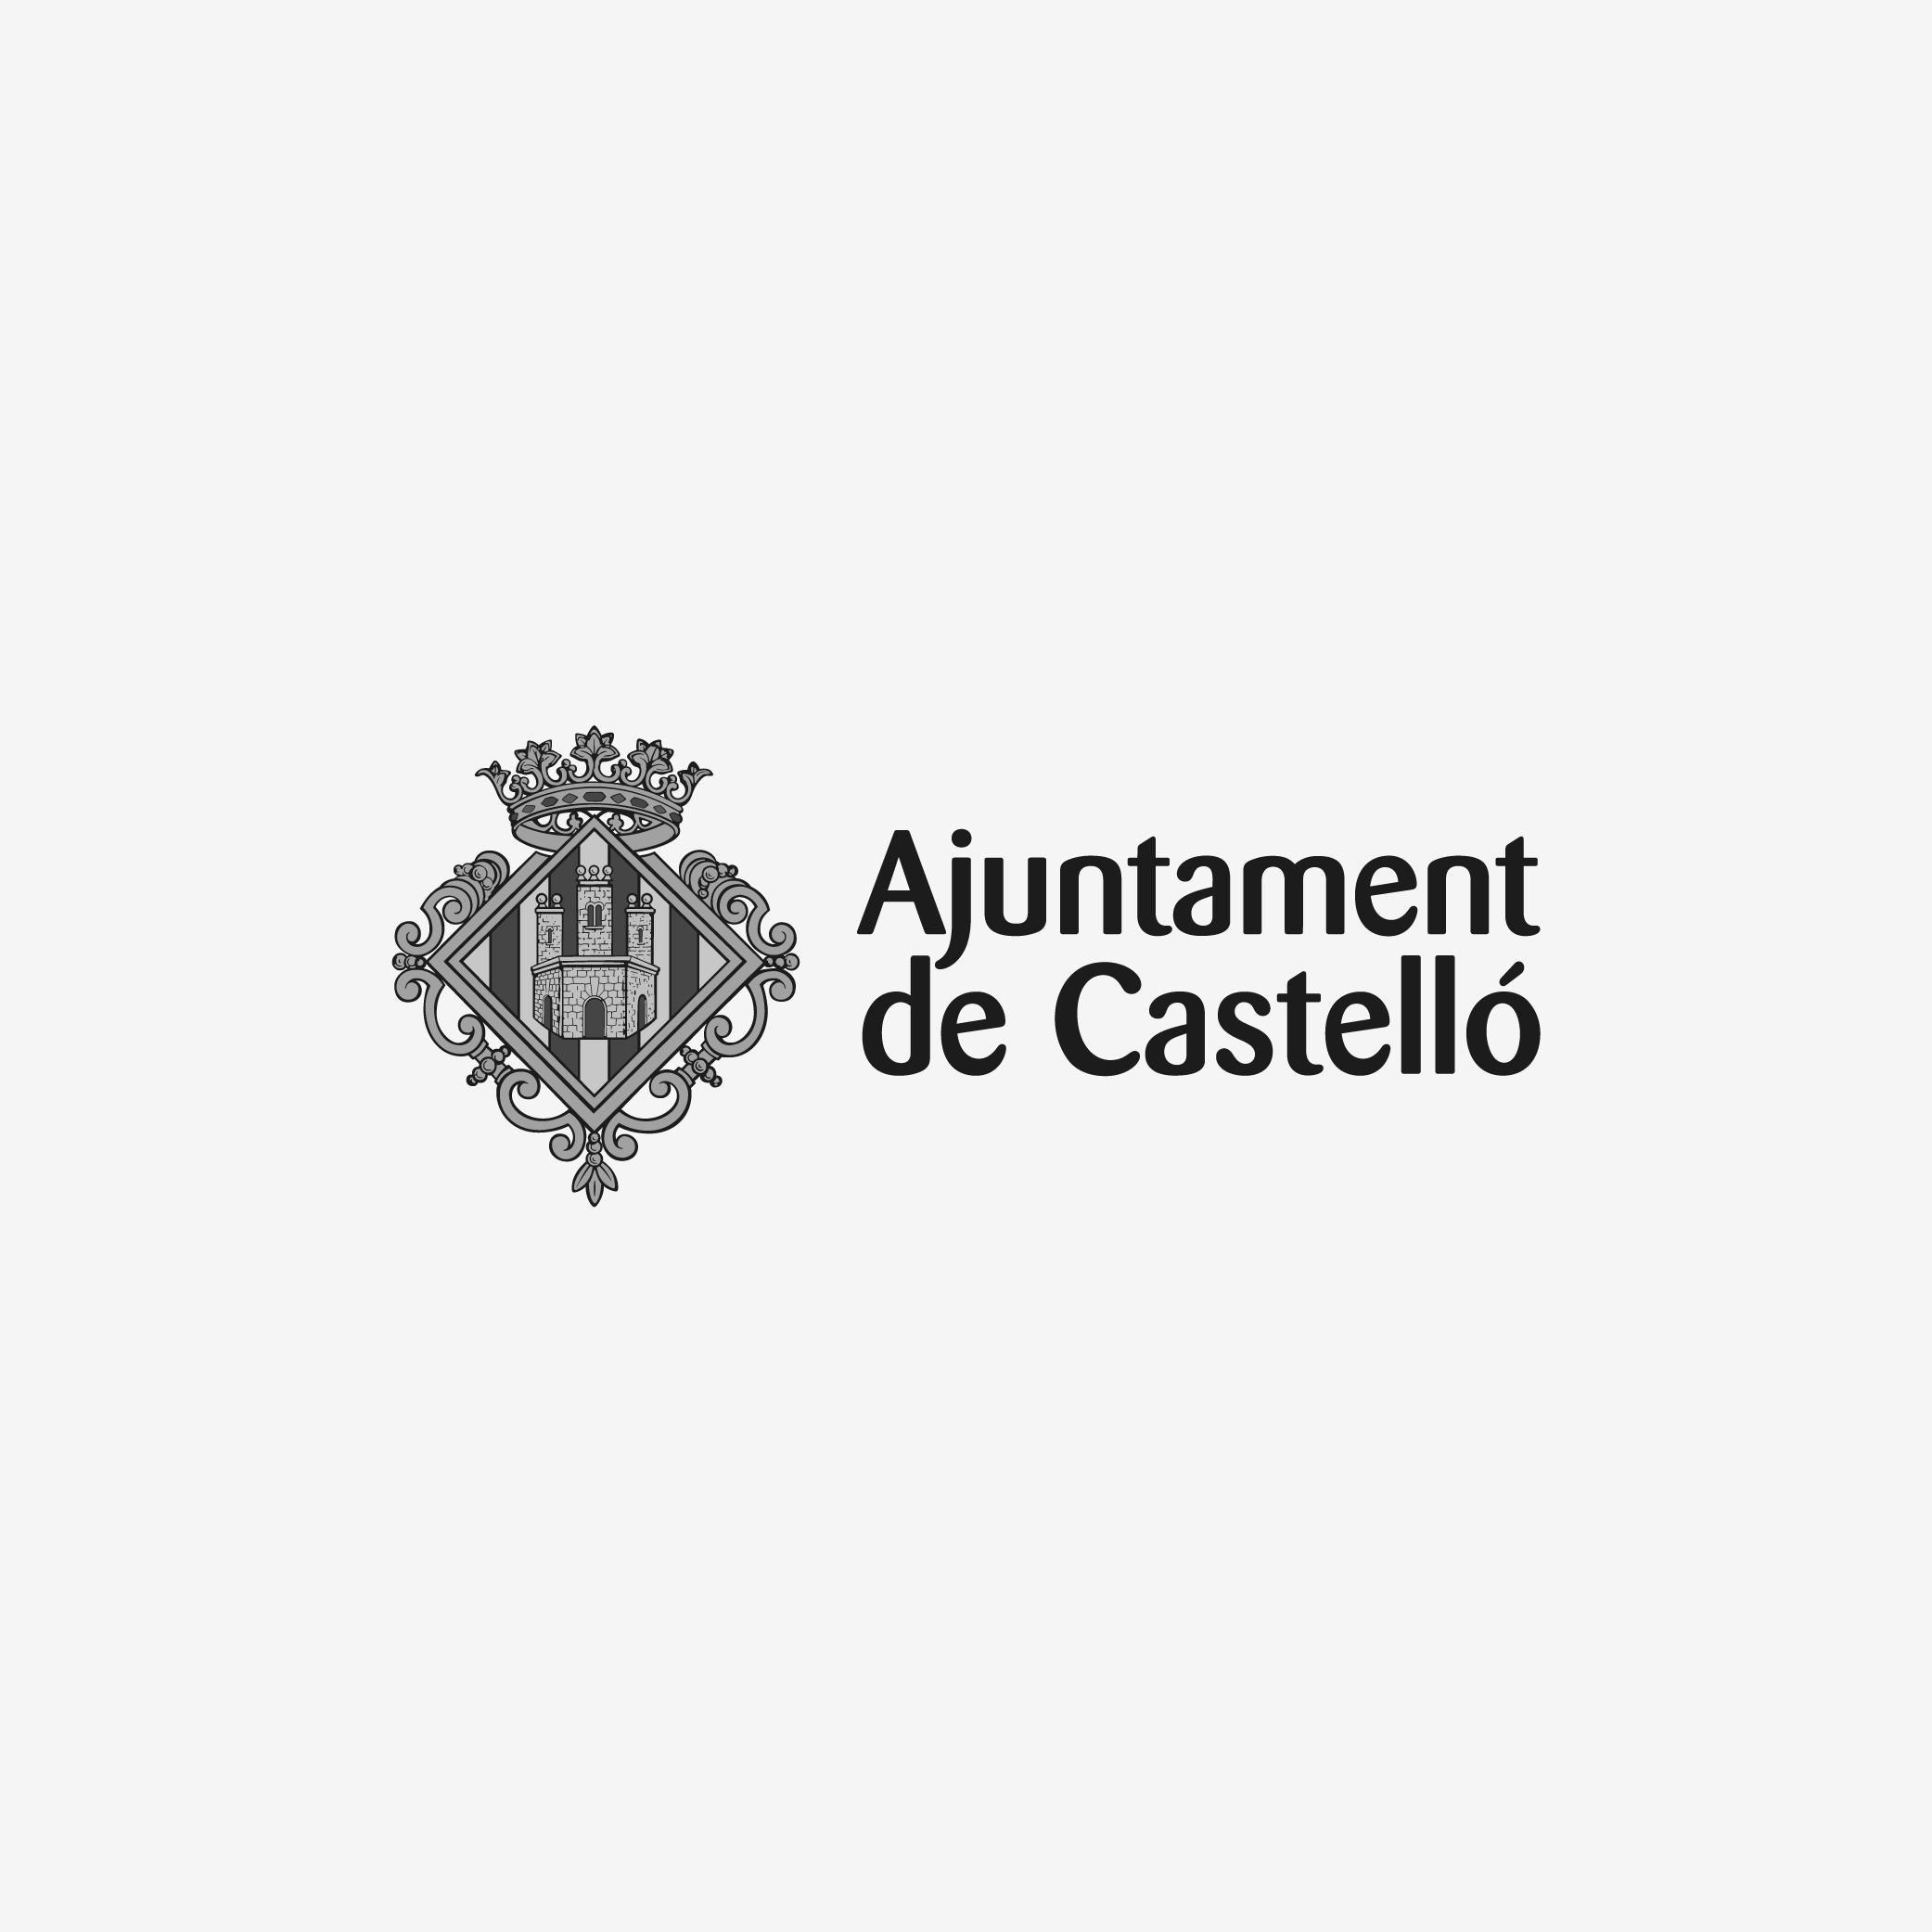 Ajuntament de Castelló